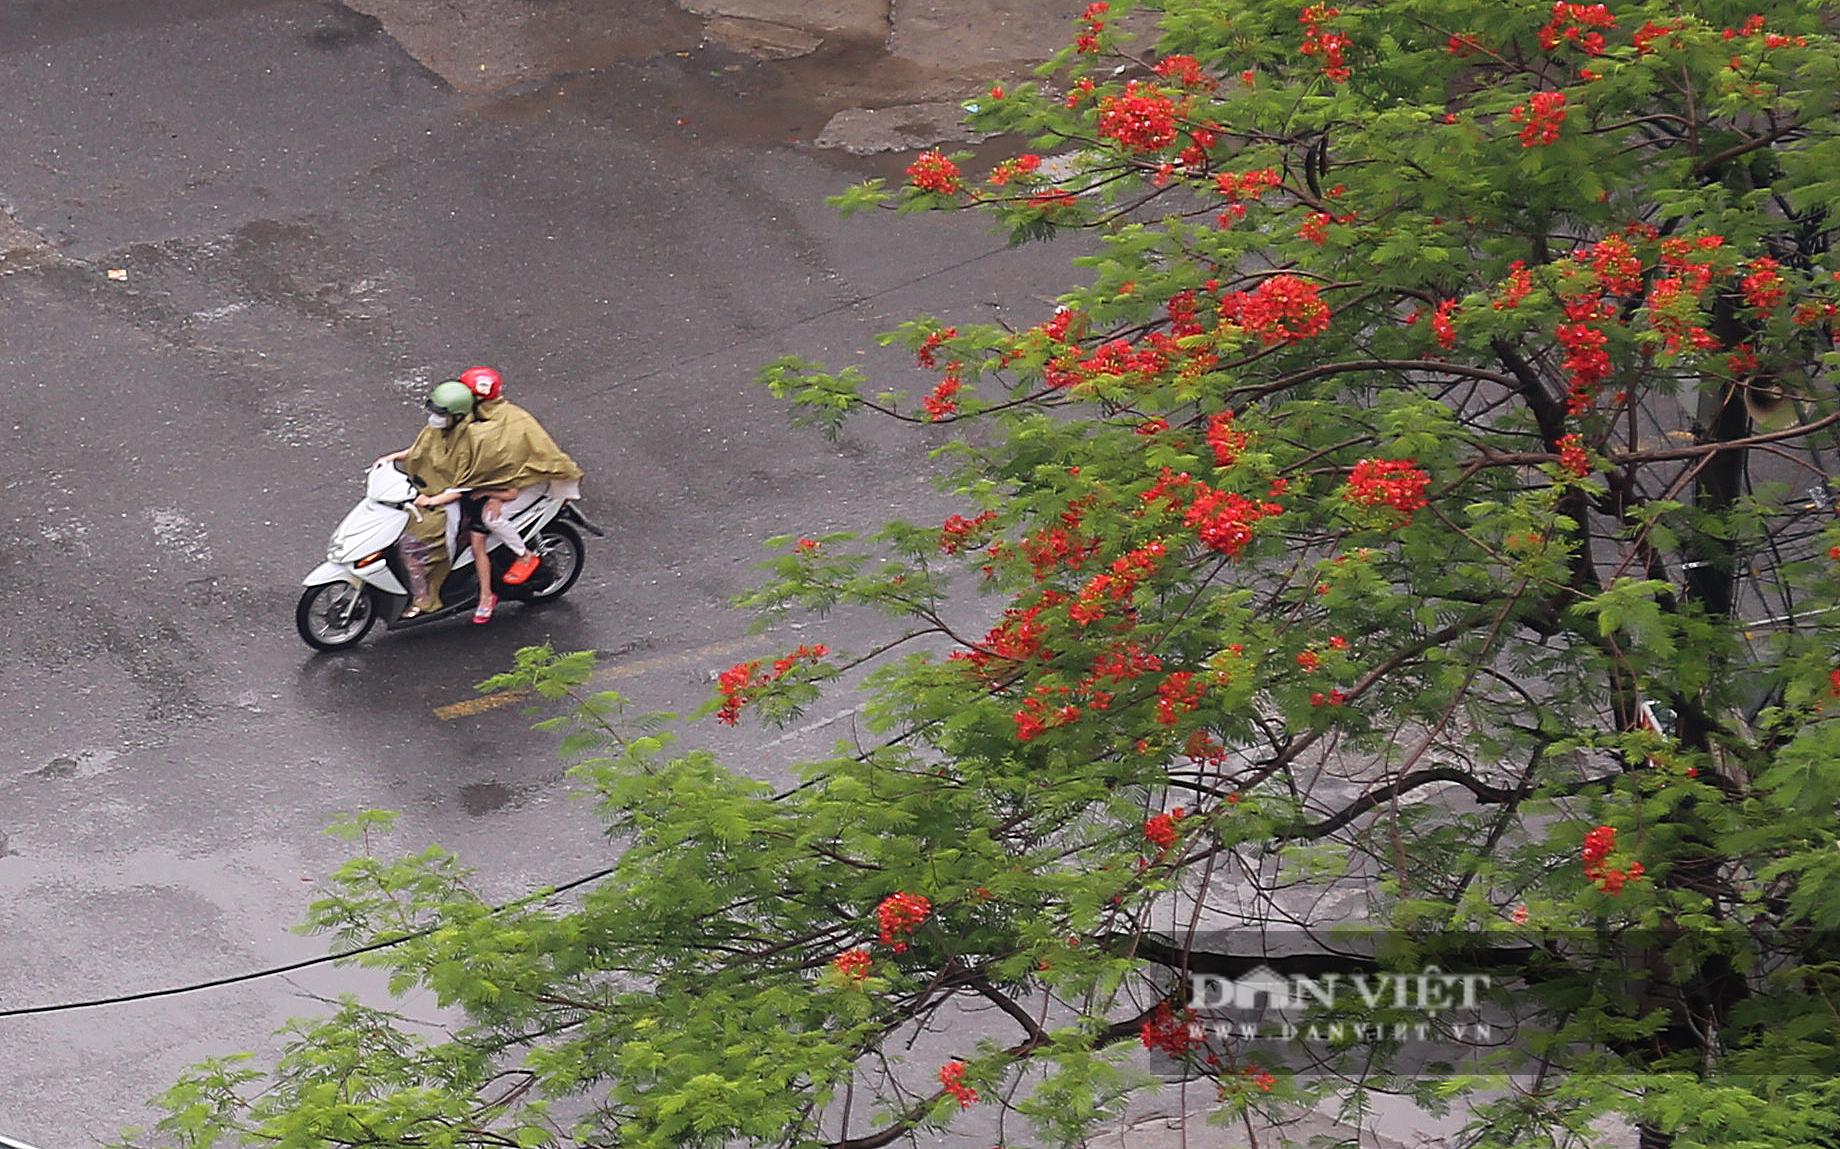 Bầu trời Hà Nội mưa liên tiếp, thời tiết mát mẻ sau nhiều ngày nắng nóng gần 40 độ C - Ảnh 9.